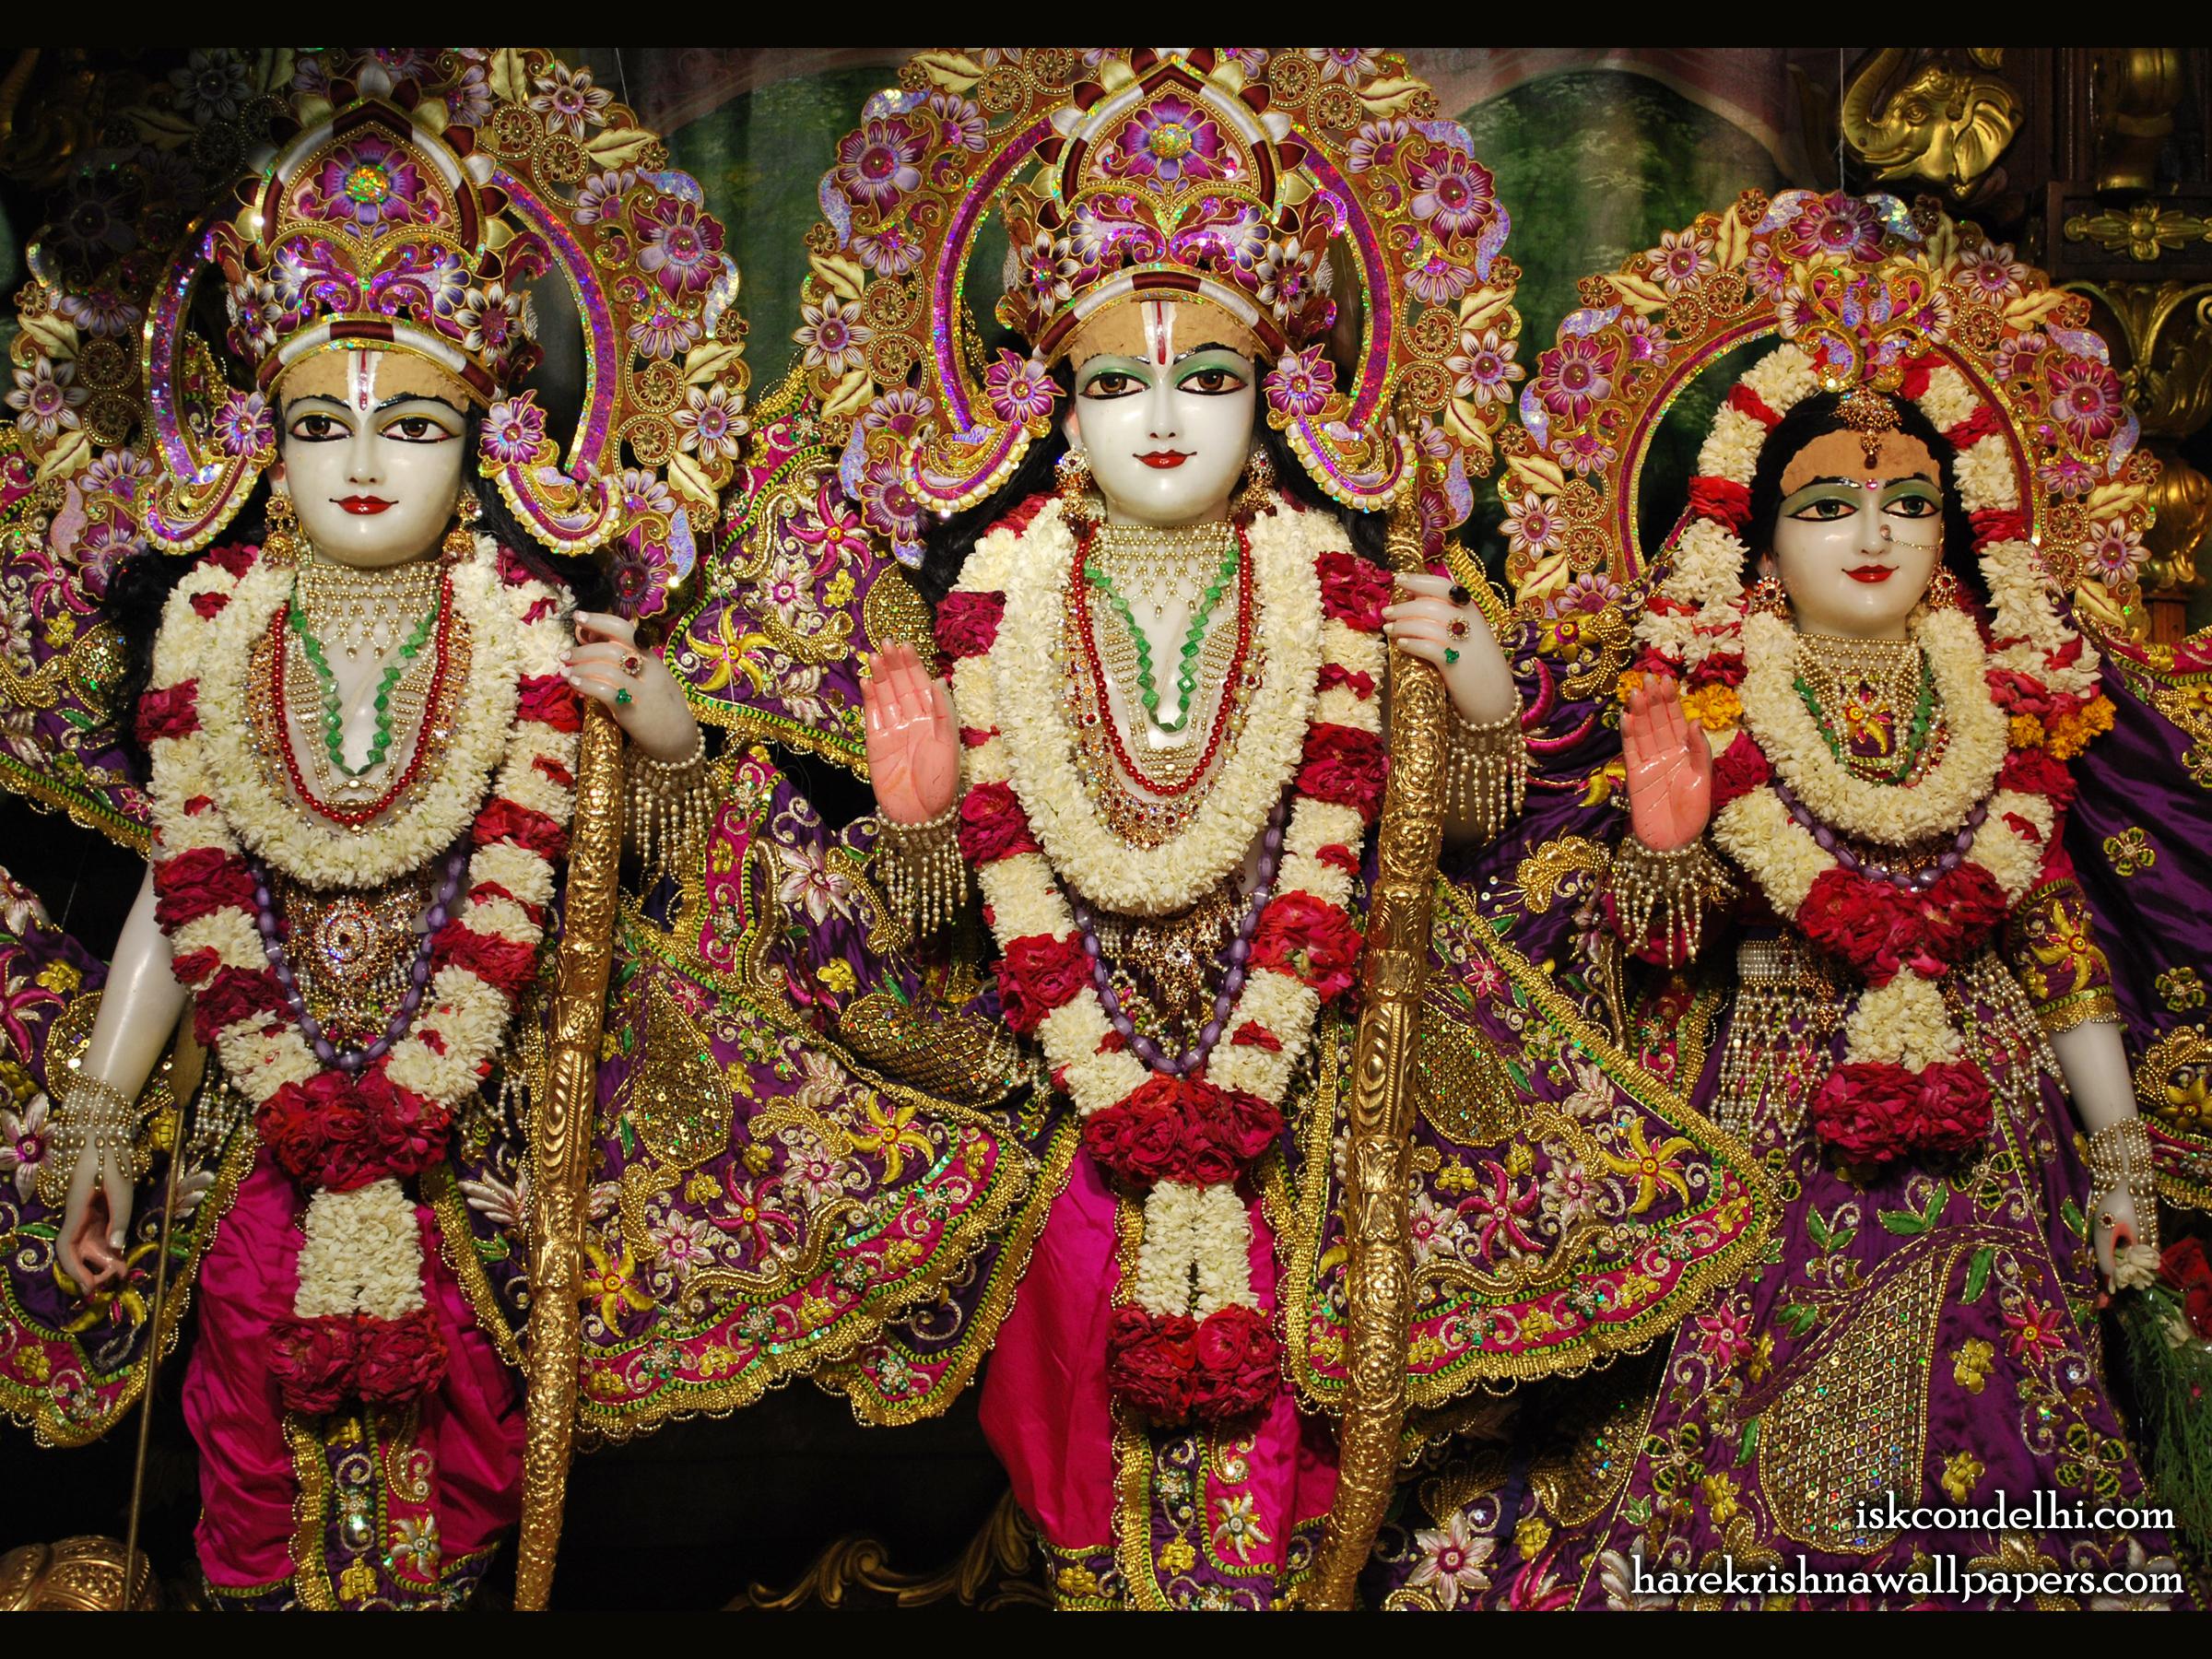 Sri Sri Sita Rama Laxman Wallpaper (007) Size 2400x1800 Download